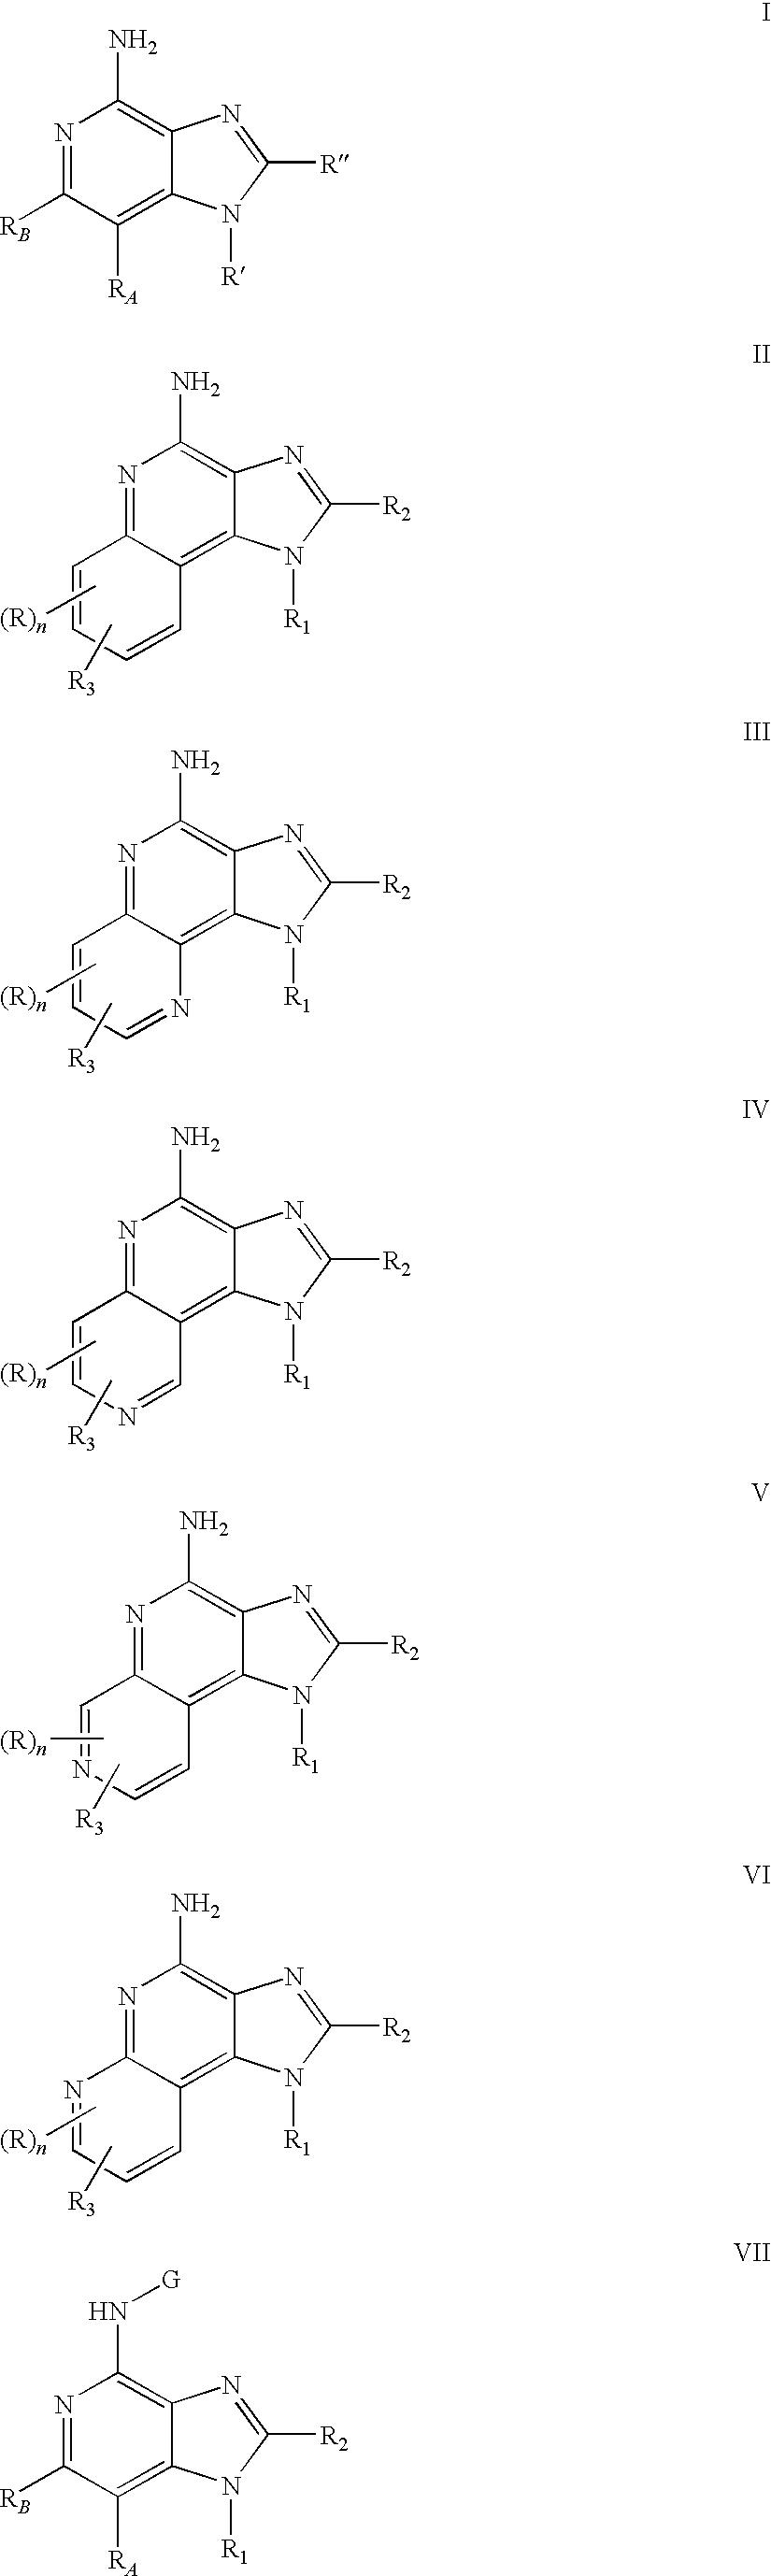 Figure US20090099161A1-20090416-C00002